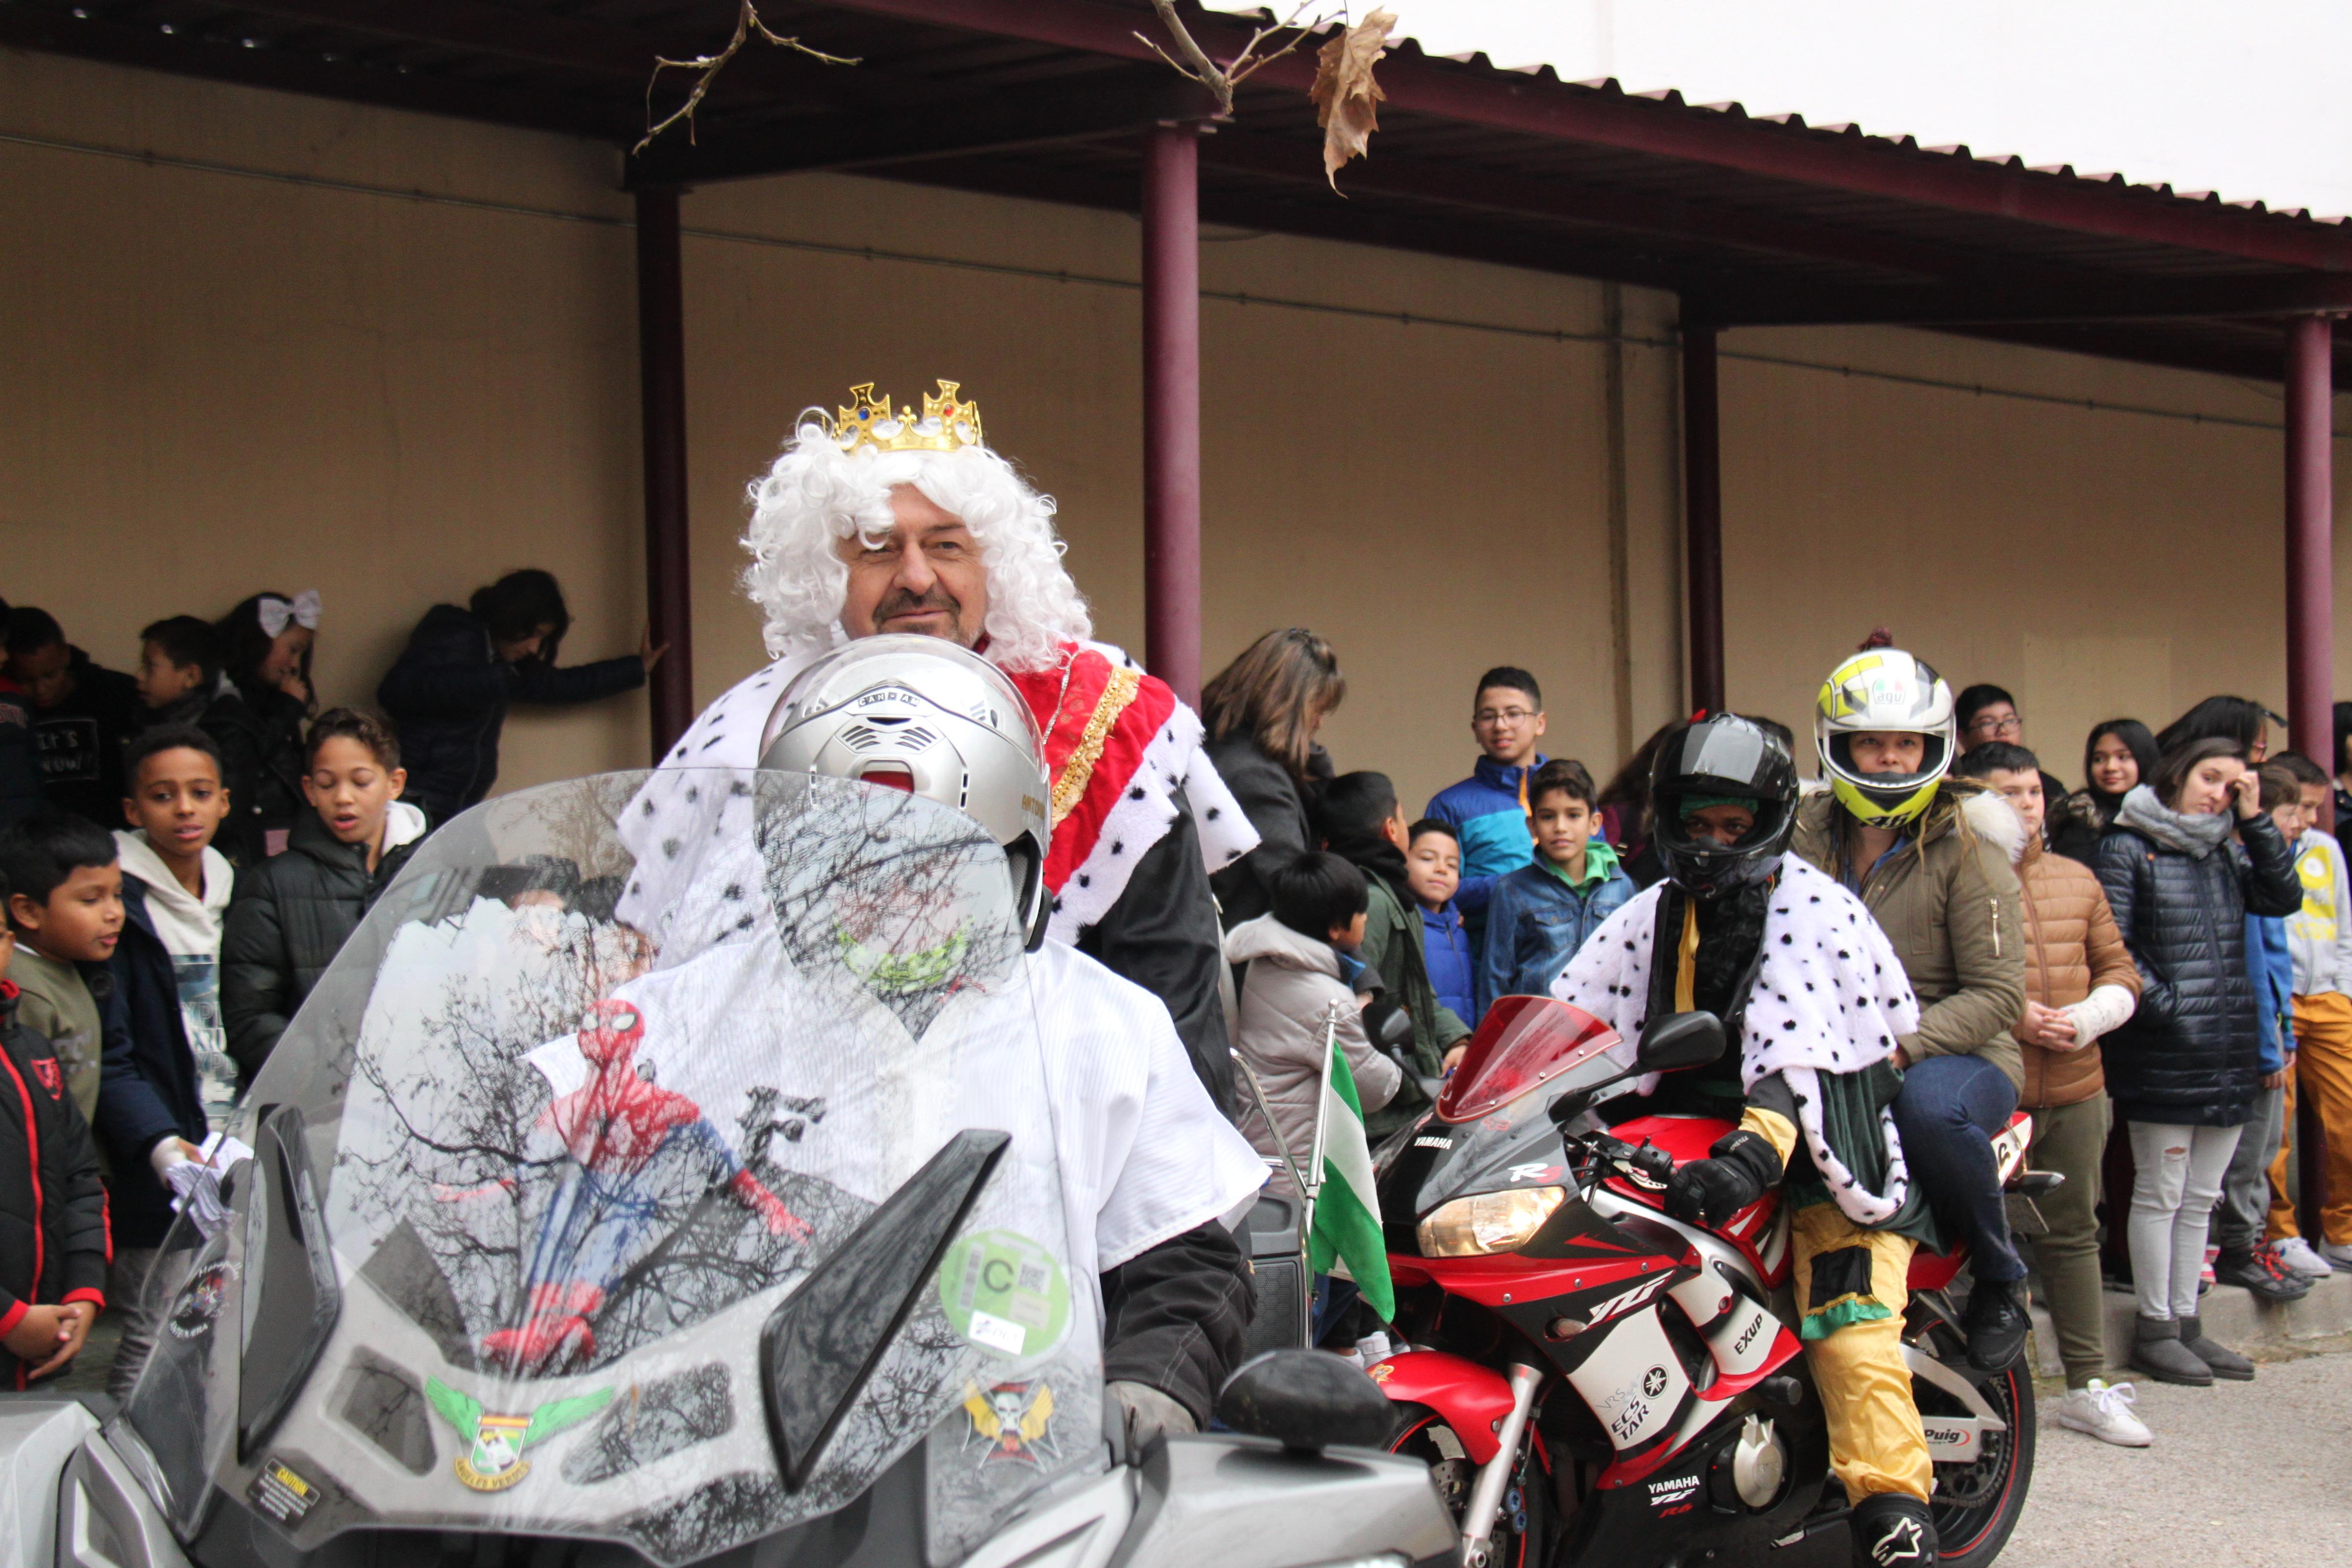 Visita de sus Majestades los Reyes Magos al colegio Luis Bello en moto 2018 10